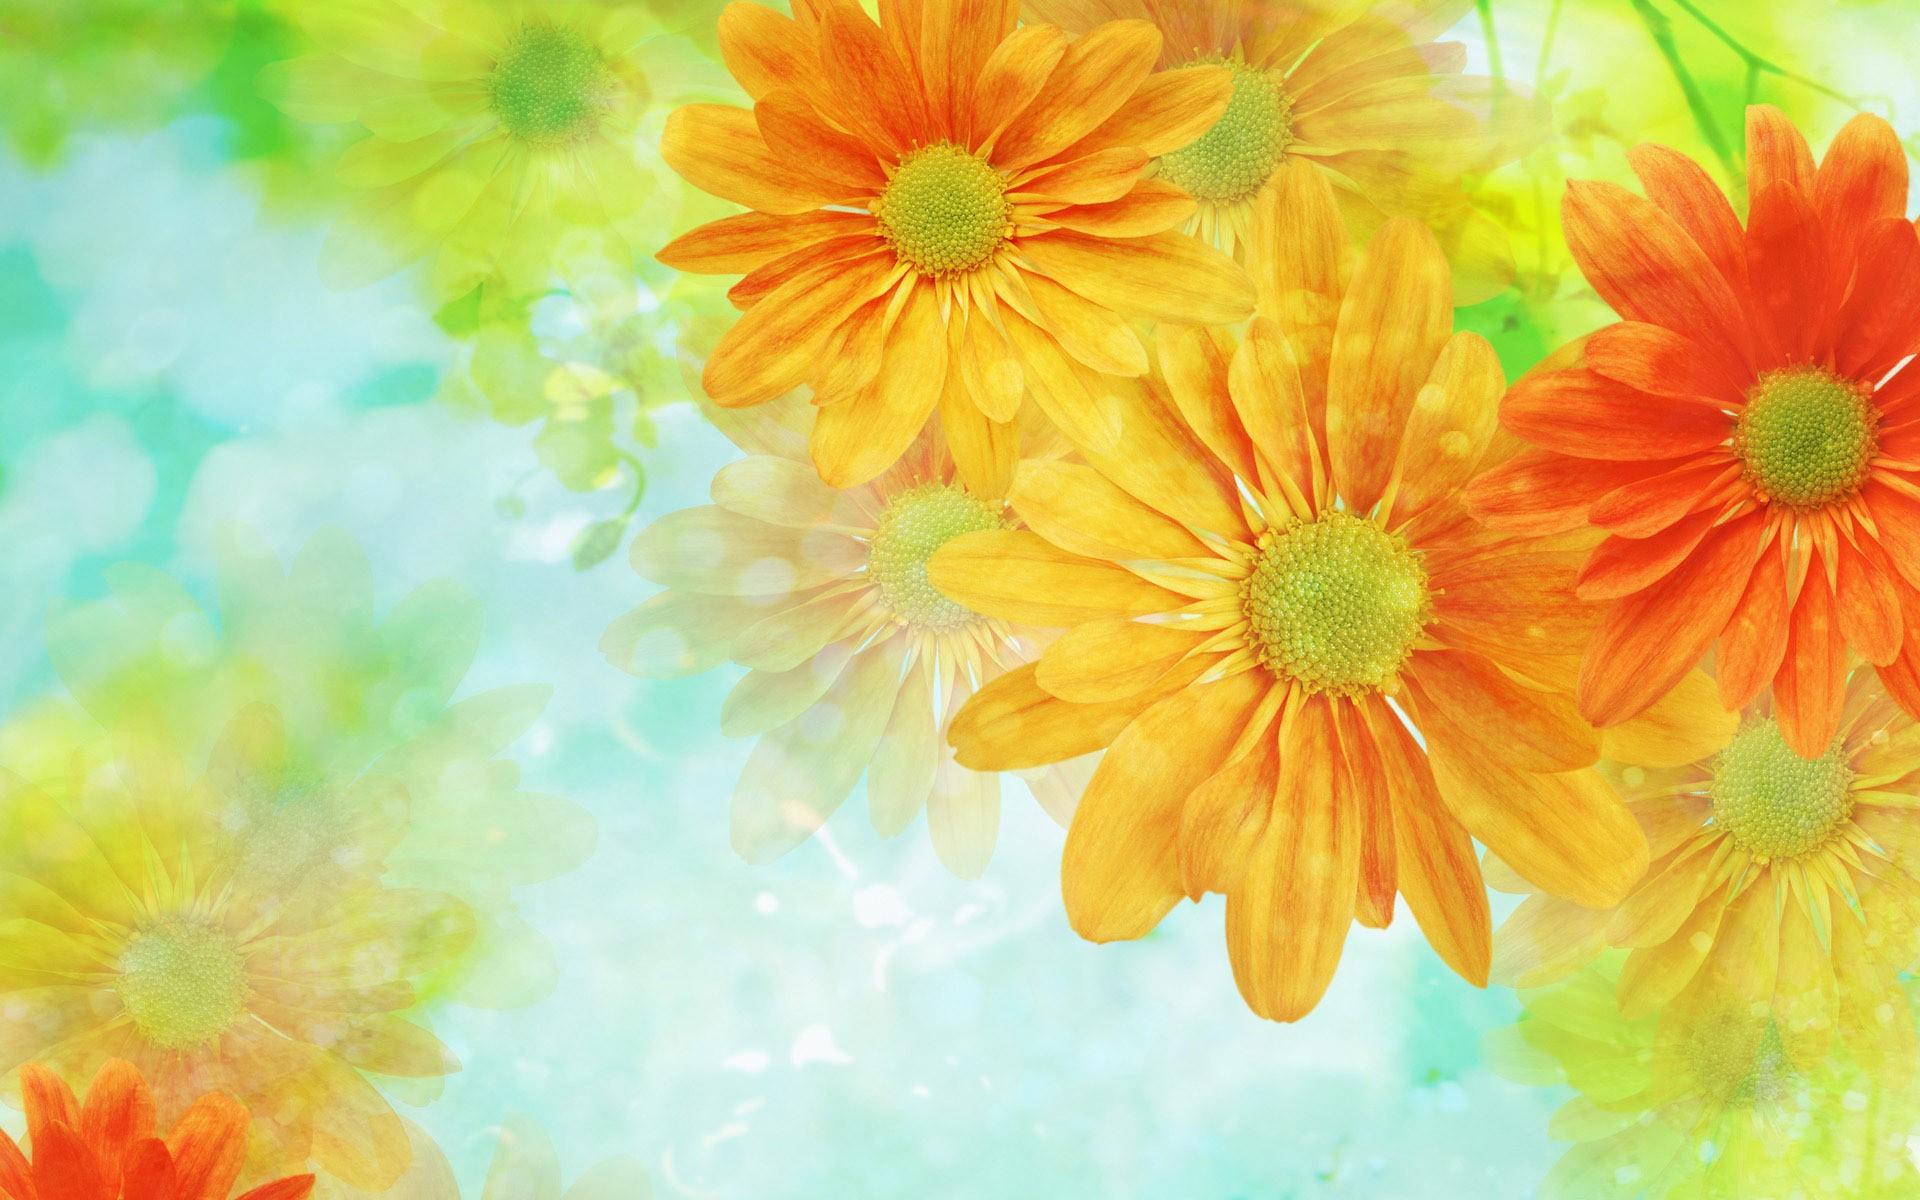 Fondo con hermosas flores - 1920x1200